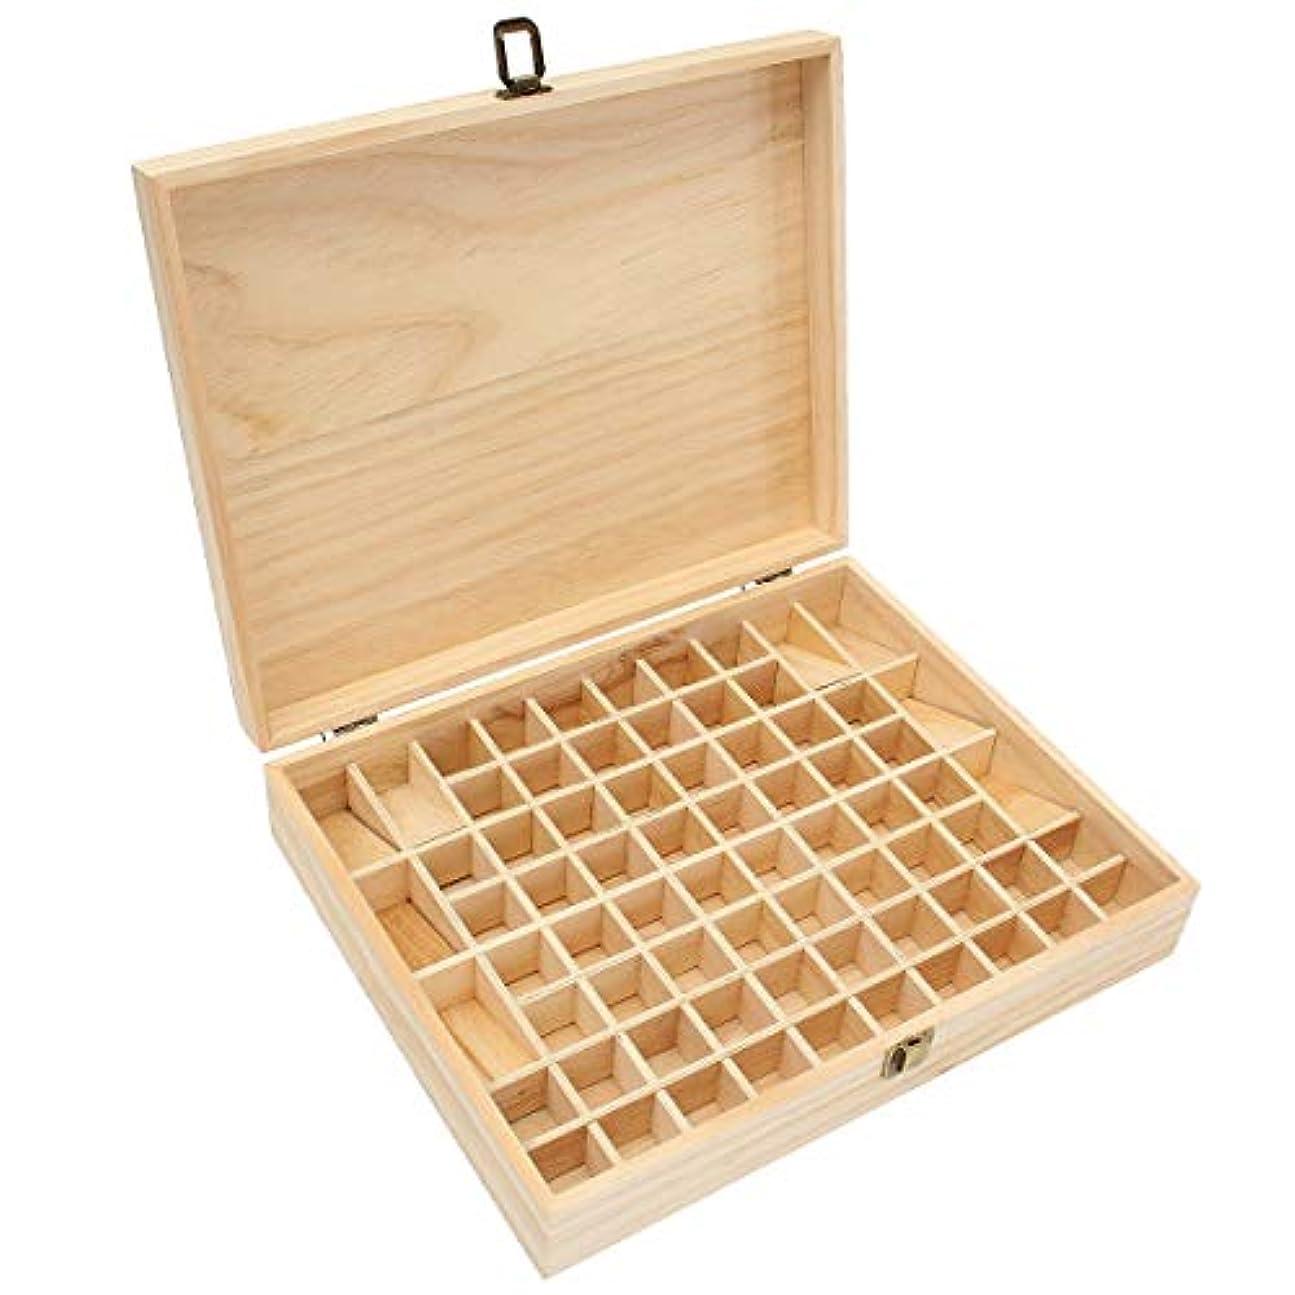 振幅スクワイア純粋なTINKSKY エッセンシャルオイルケース アロマケース 木製 アロマオイルスタンド 精油ボックス 精油収納 仕切りボックス 72本収納